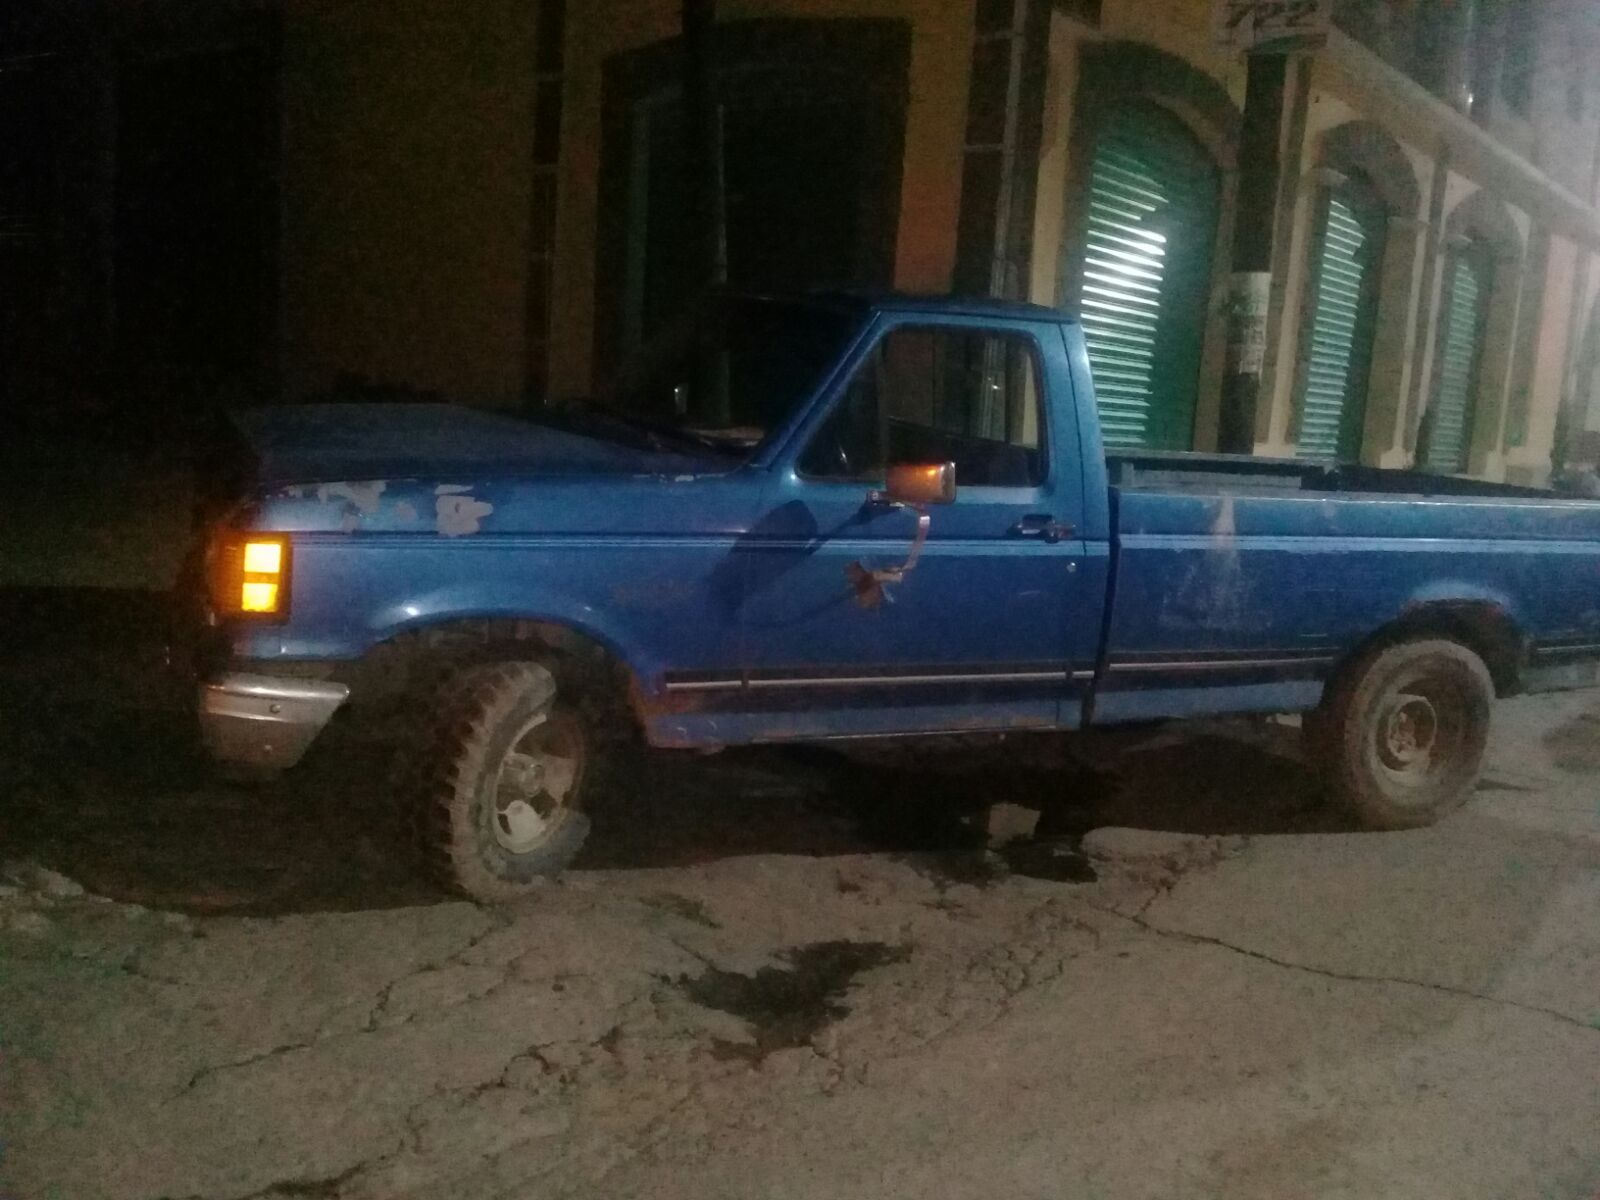 Policía Municipal recupera camioneta en operativo camioneta robada